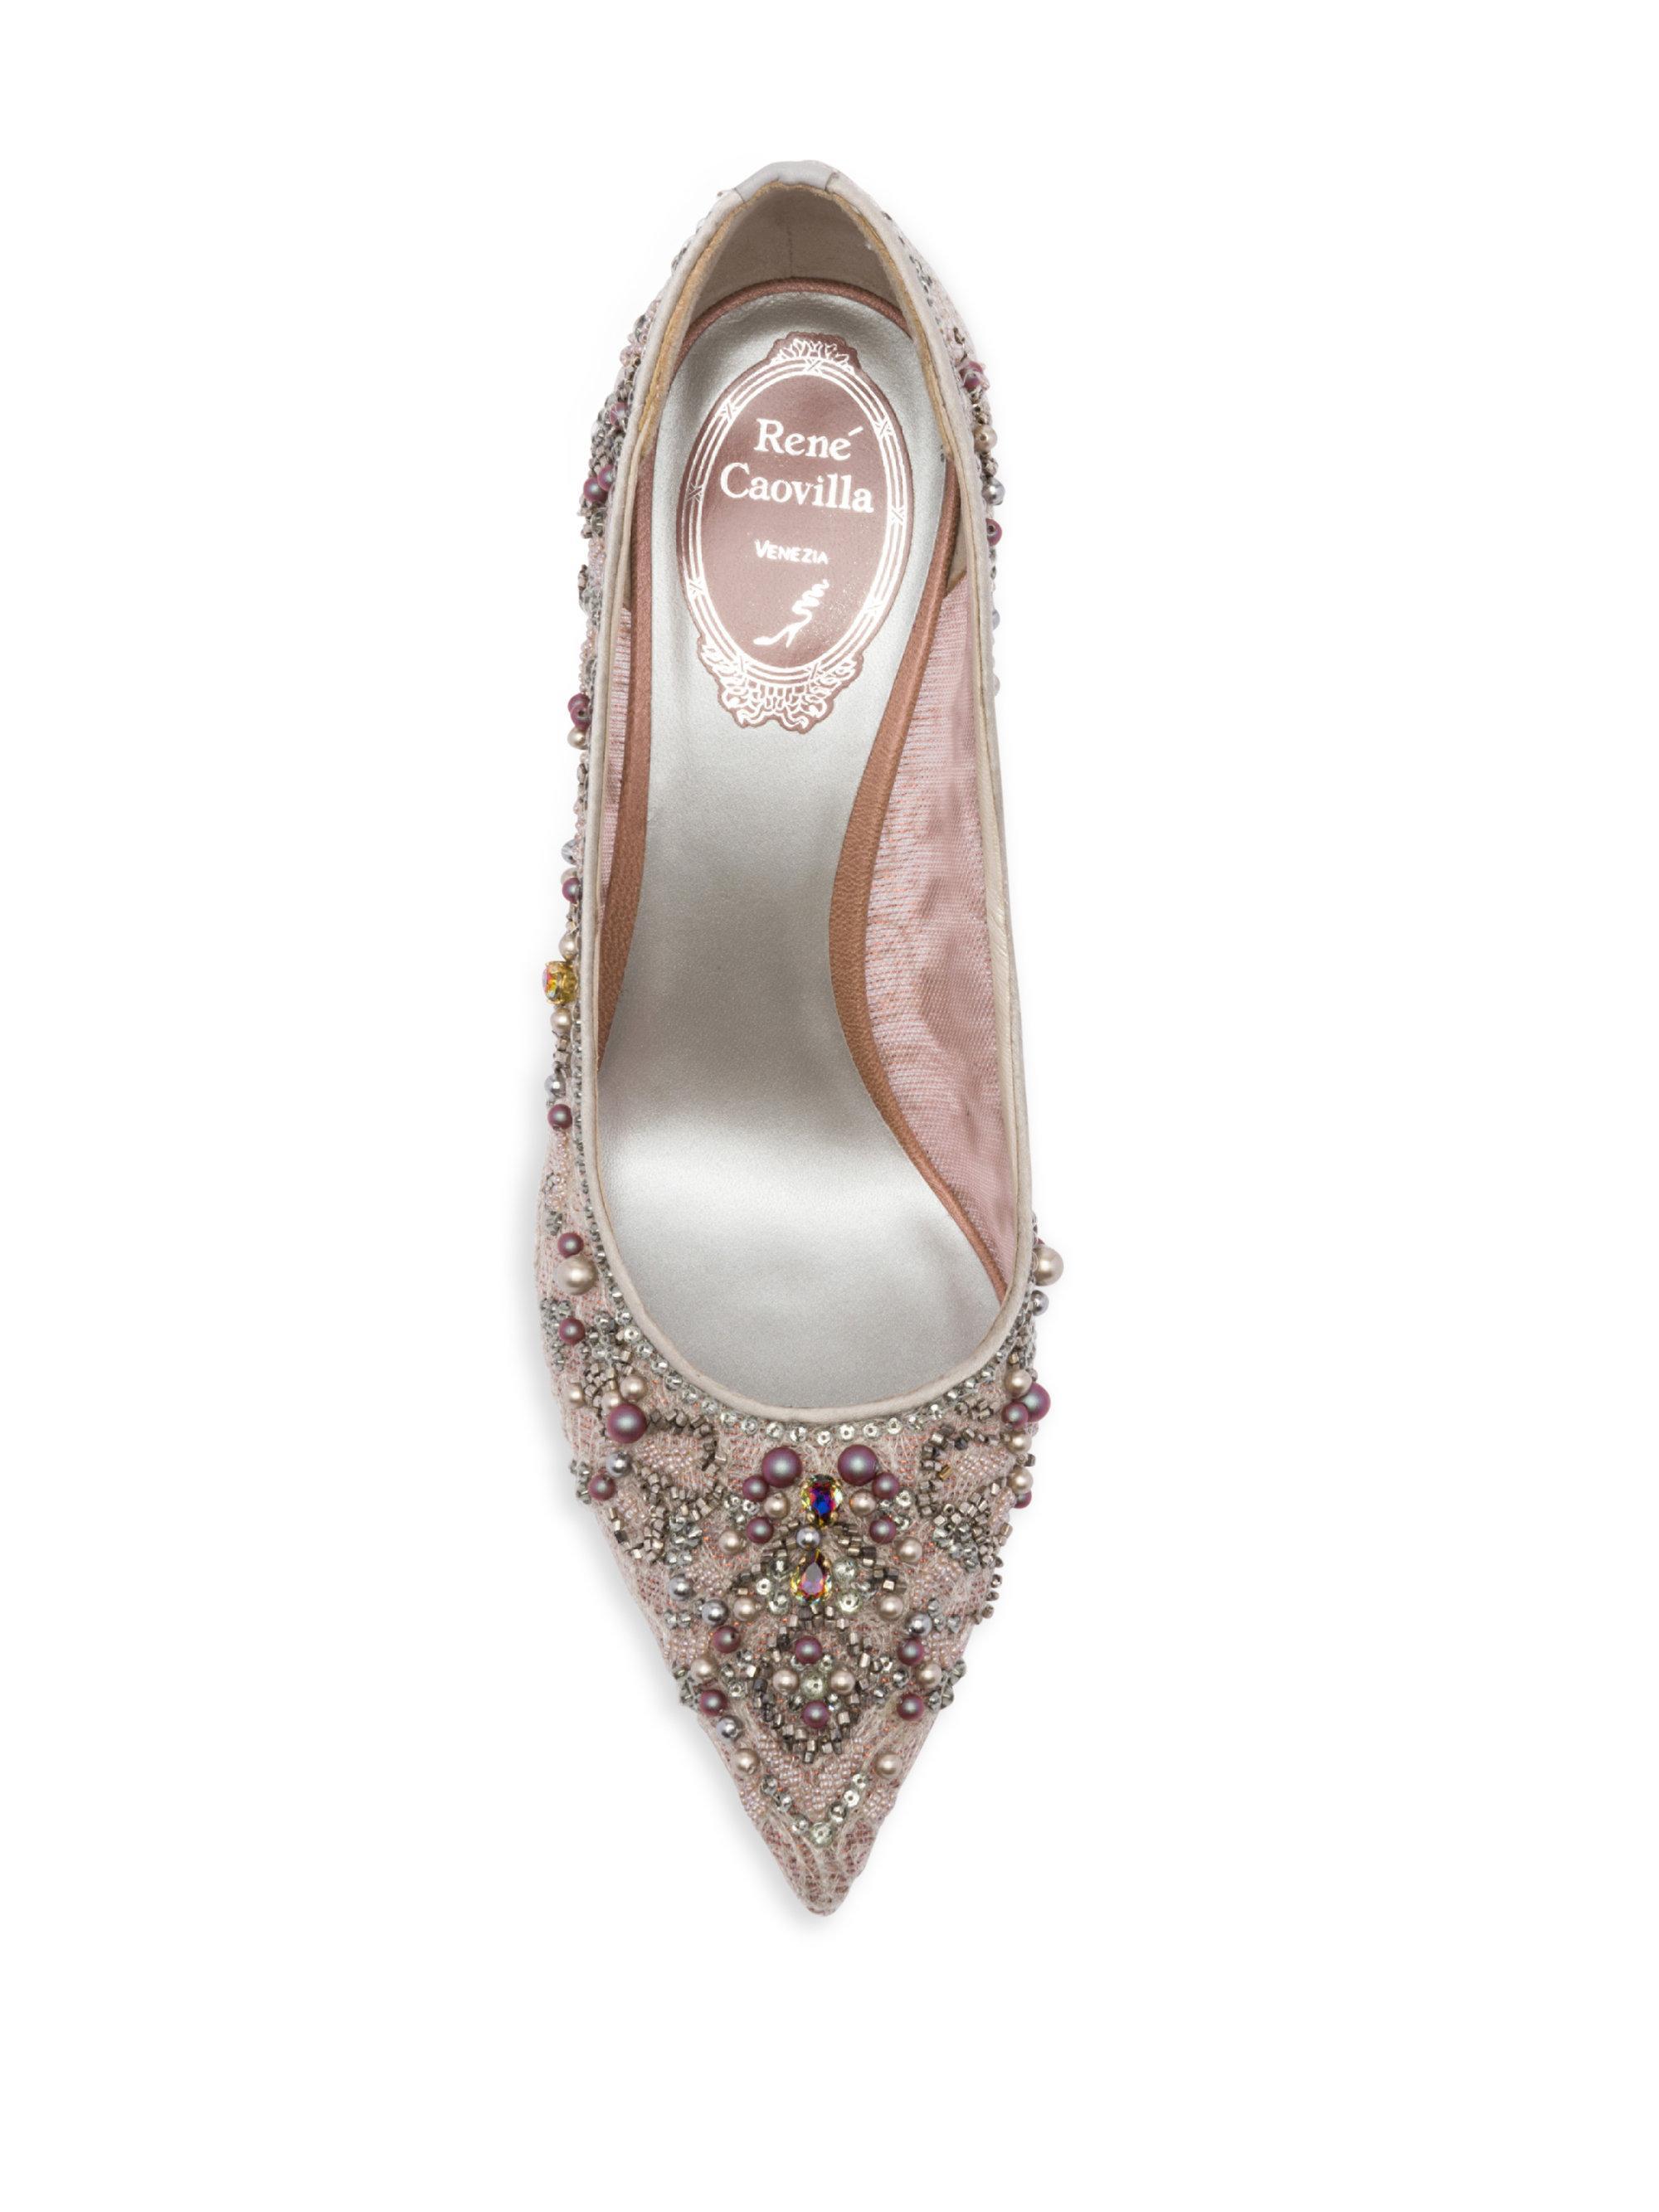 7174bd3fd8e Rene Caovilla Pink Lace And Pearl Pumps